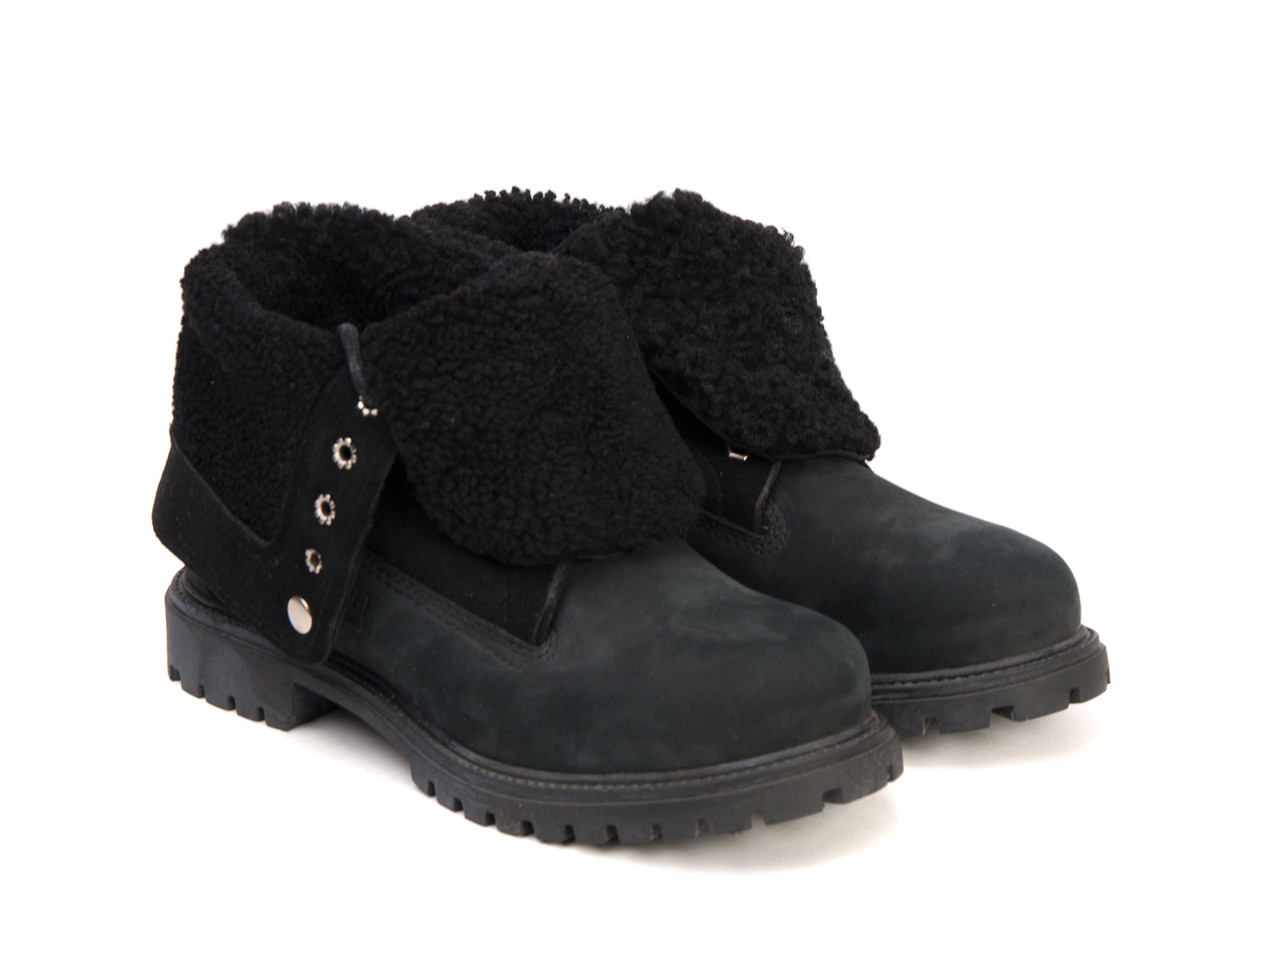 Ботинки Etor 10315-2298-1011 черные